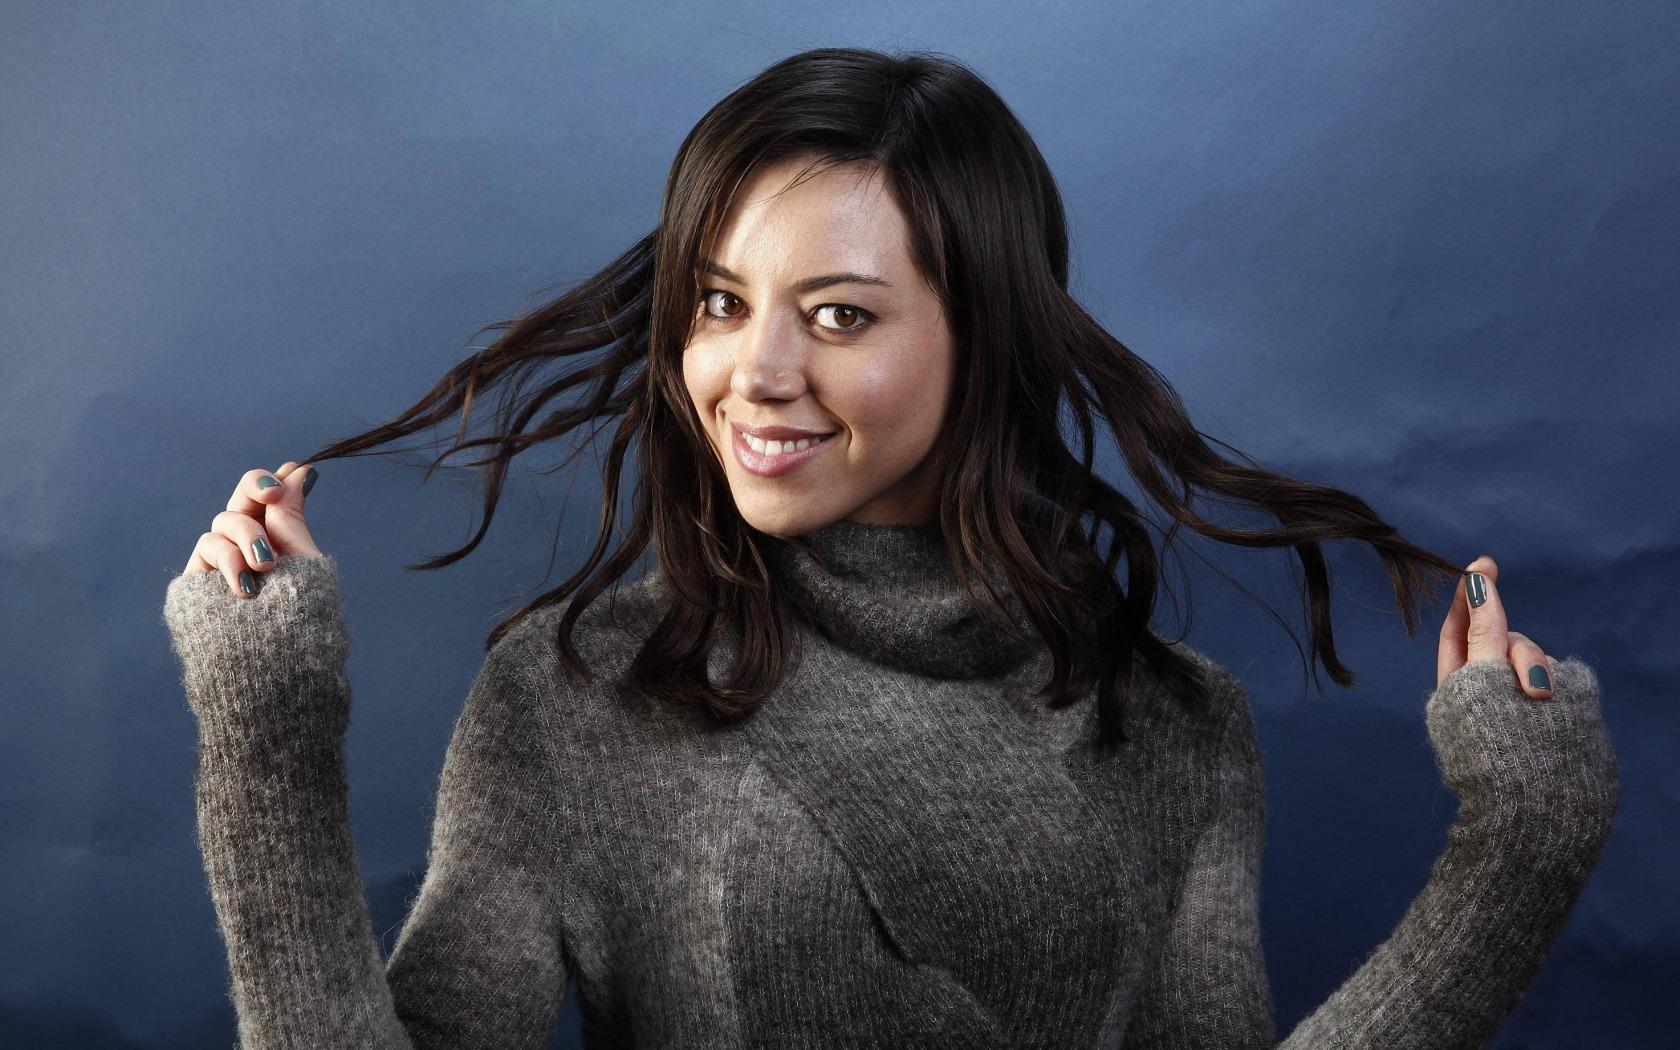 https://img2.goodfon.ru/original/1680x1050/f/e7/aubrey-plaza-actress-brunette.jpg